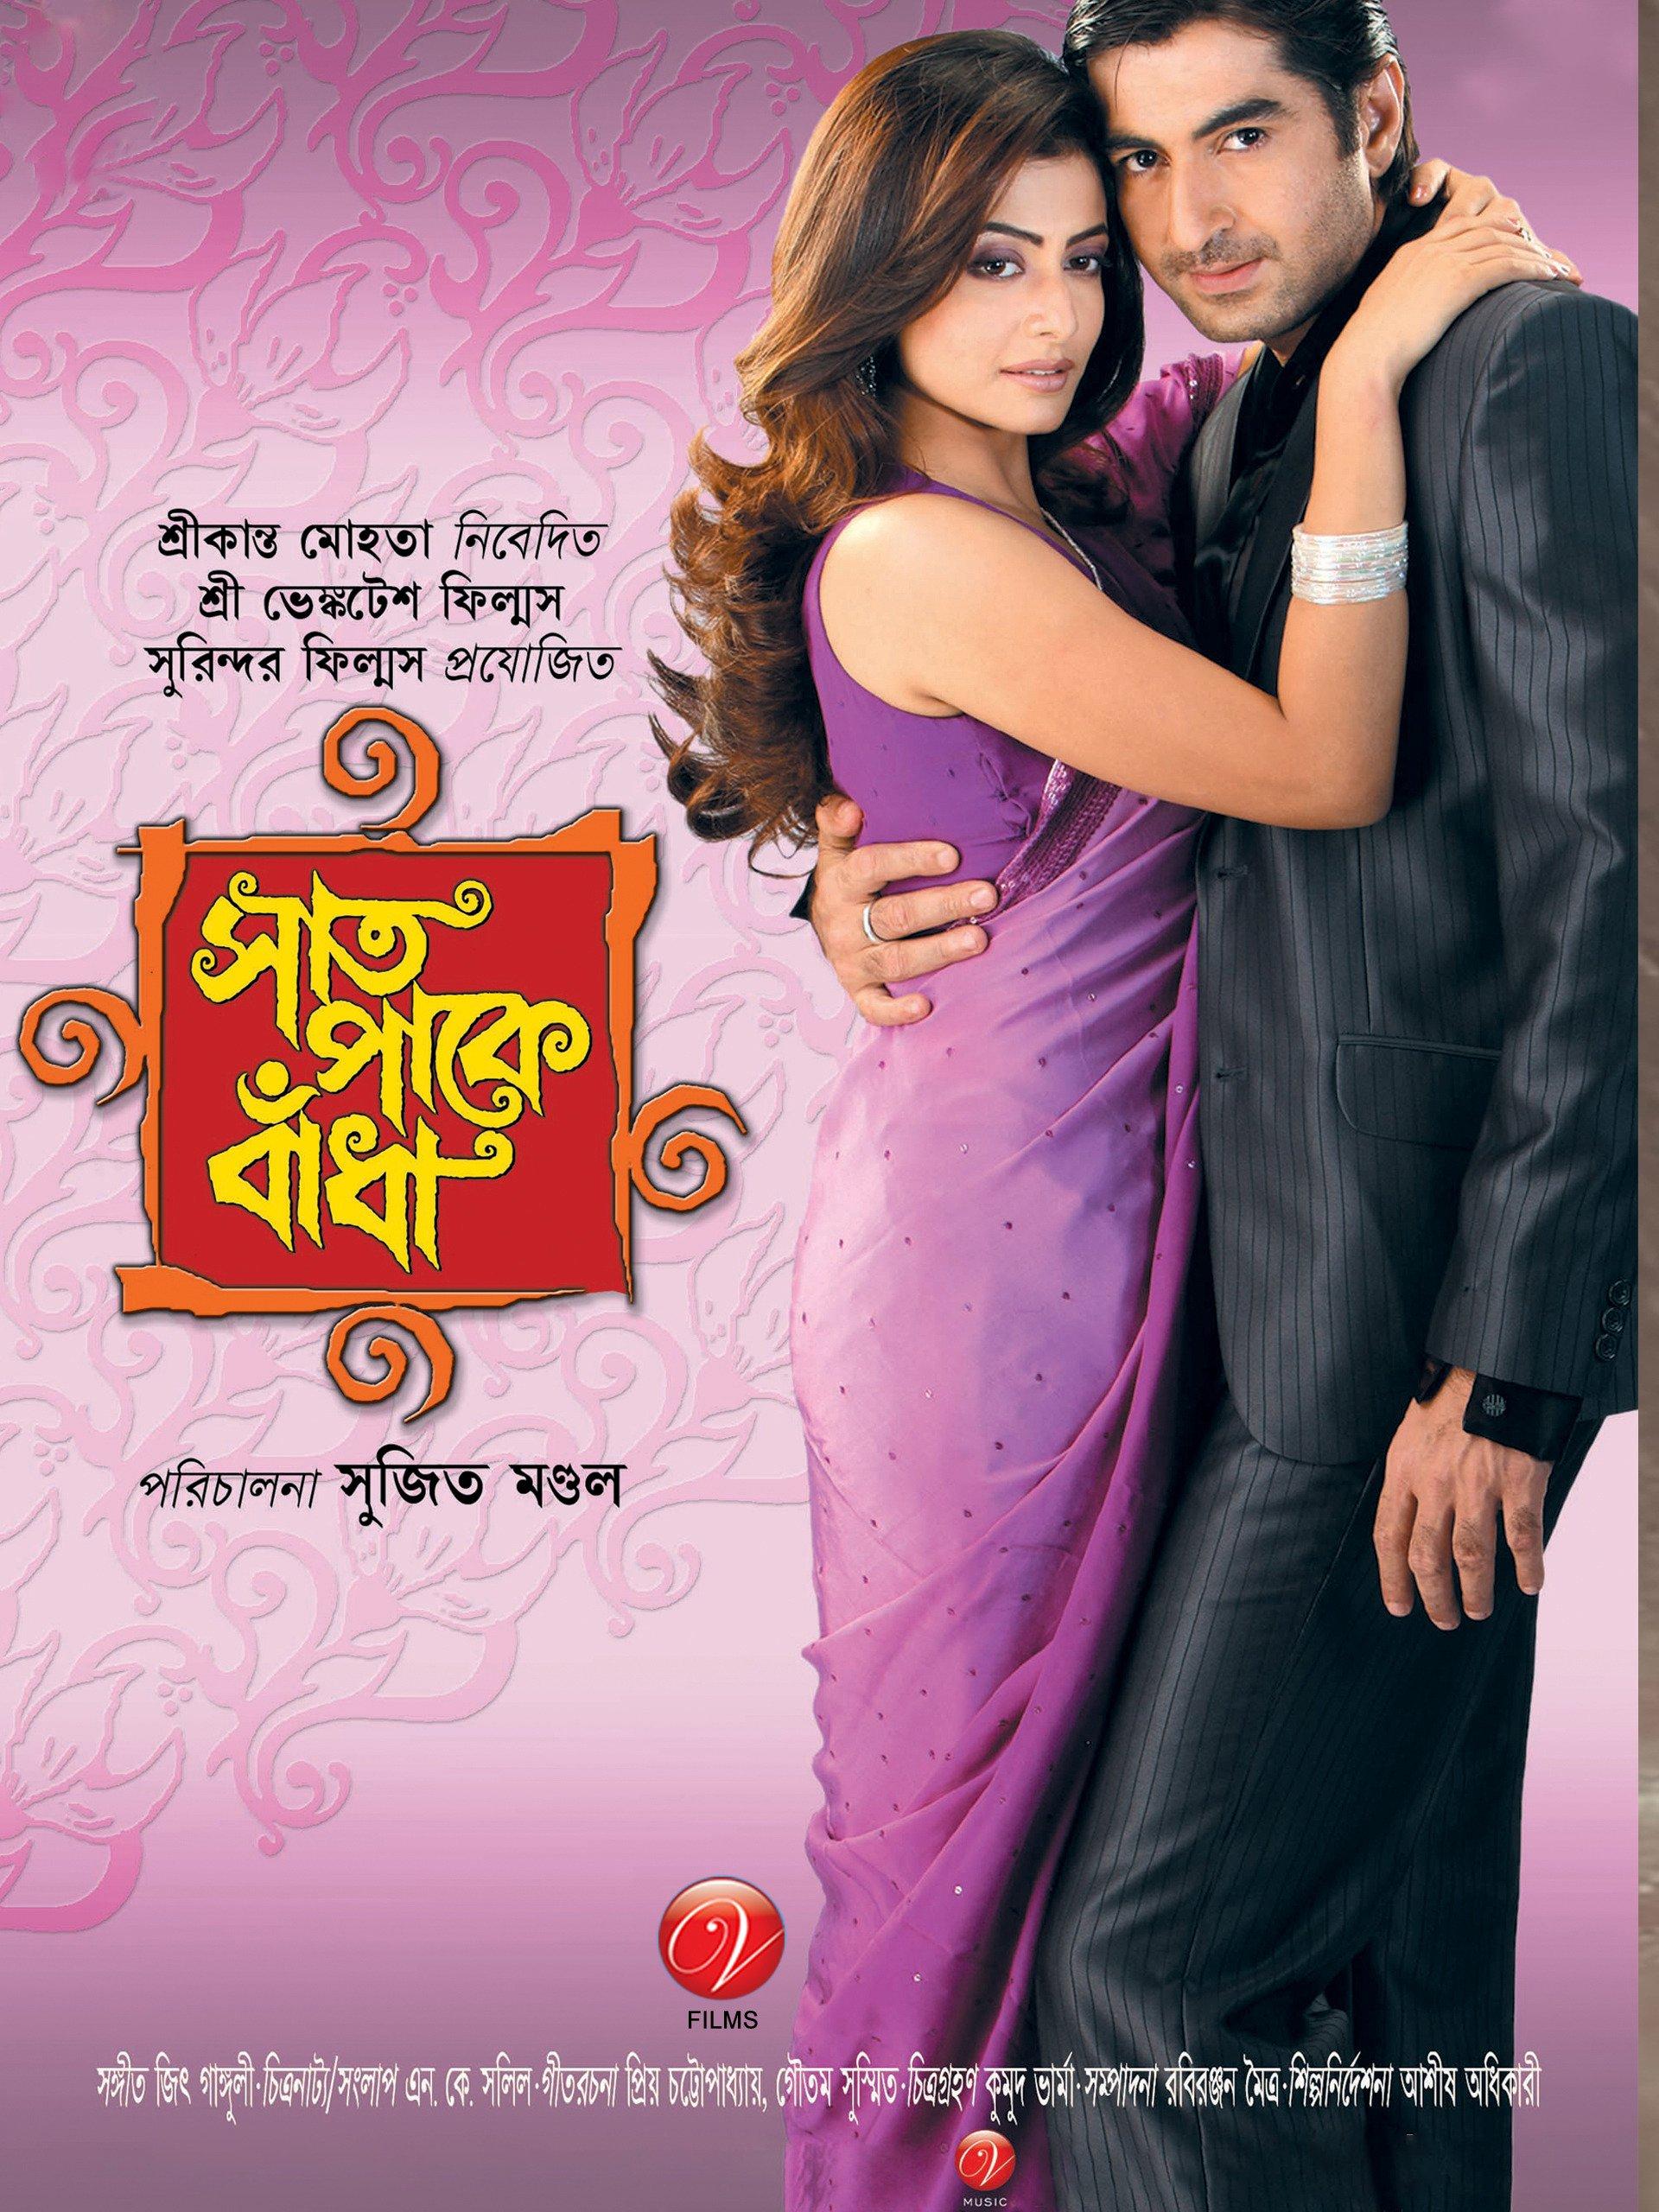 Saat Paake Bandha (2009) Bengali 720p HEVC HDRip x265 AAC Full Bengali Movie [700MB]